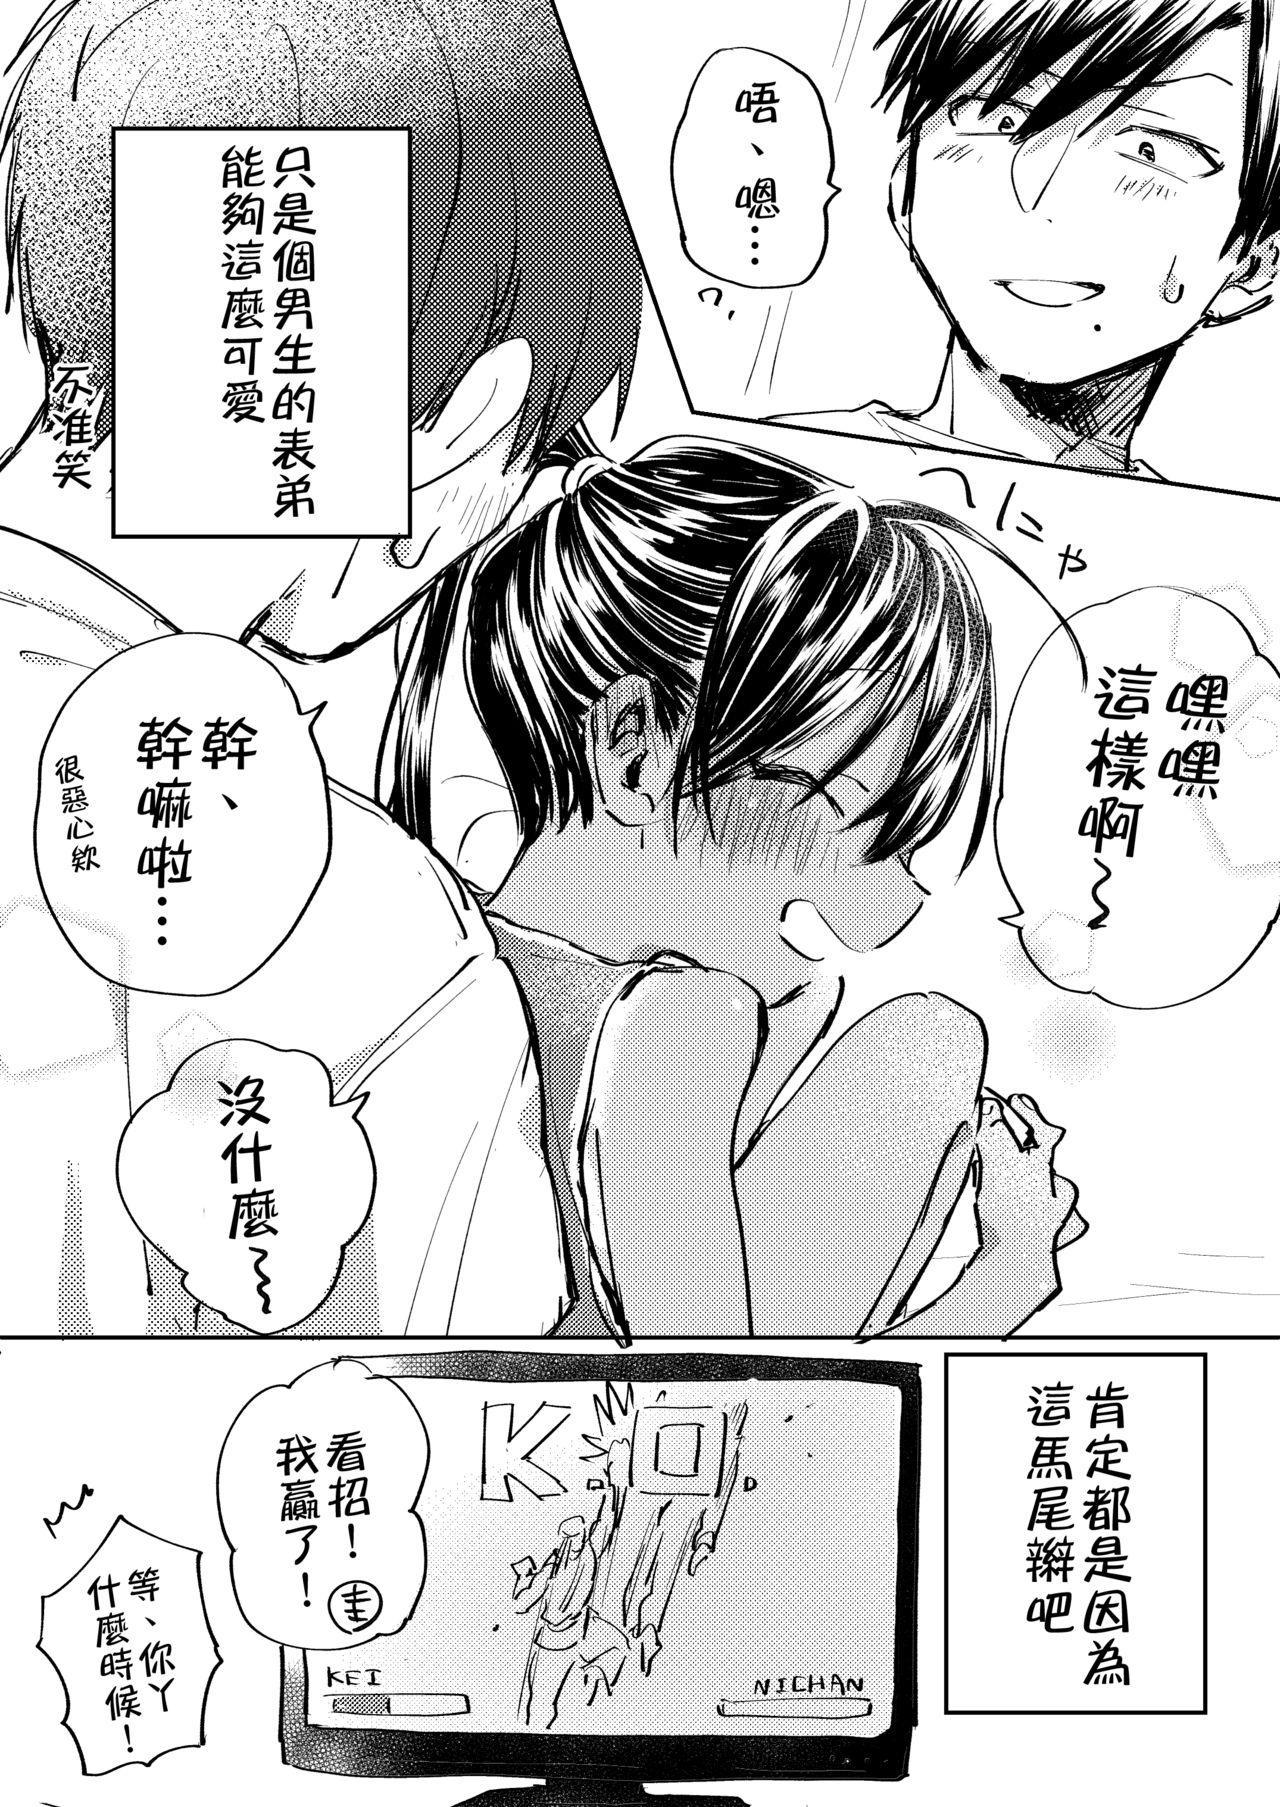 Inaka ni Kaeru to Yakeni Jiben ni Natsuita Kasshoku Ponytail Shota ga Iru 3